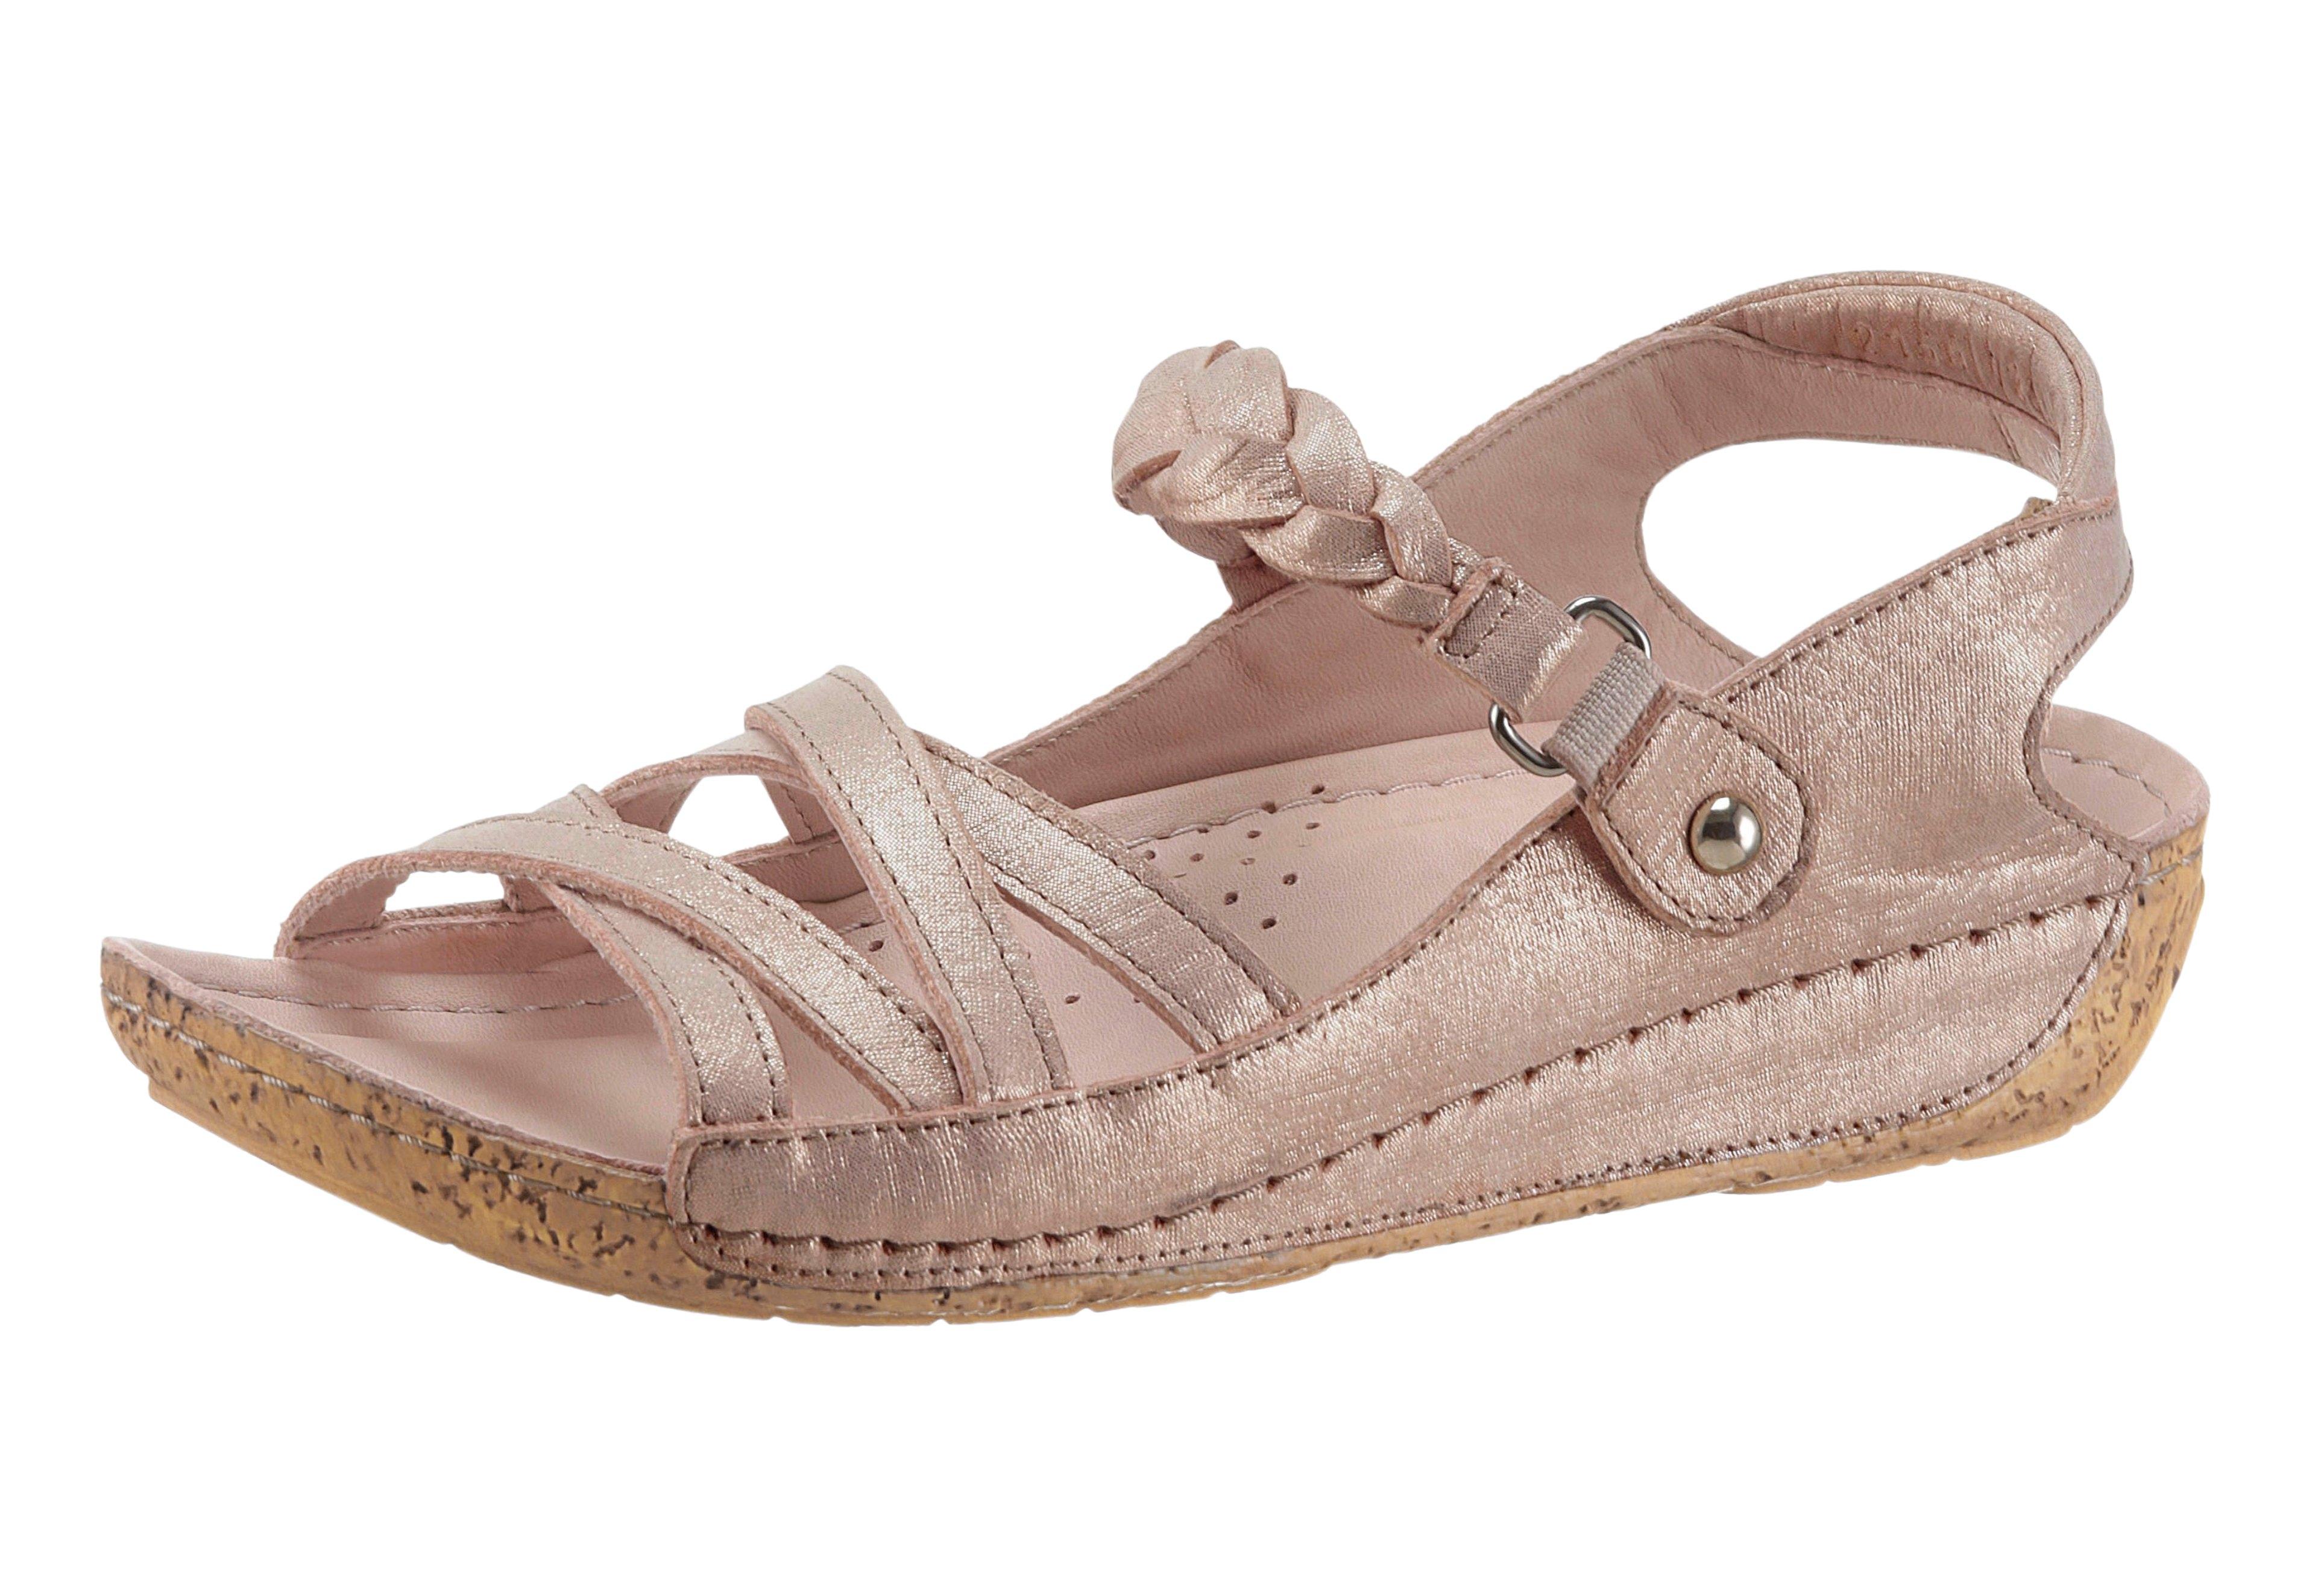 Gemini sandalen met PU-antislipzool in kurk-look voordelig en veilig online kopen